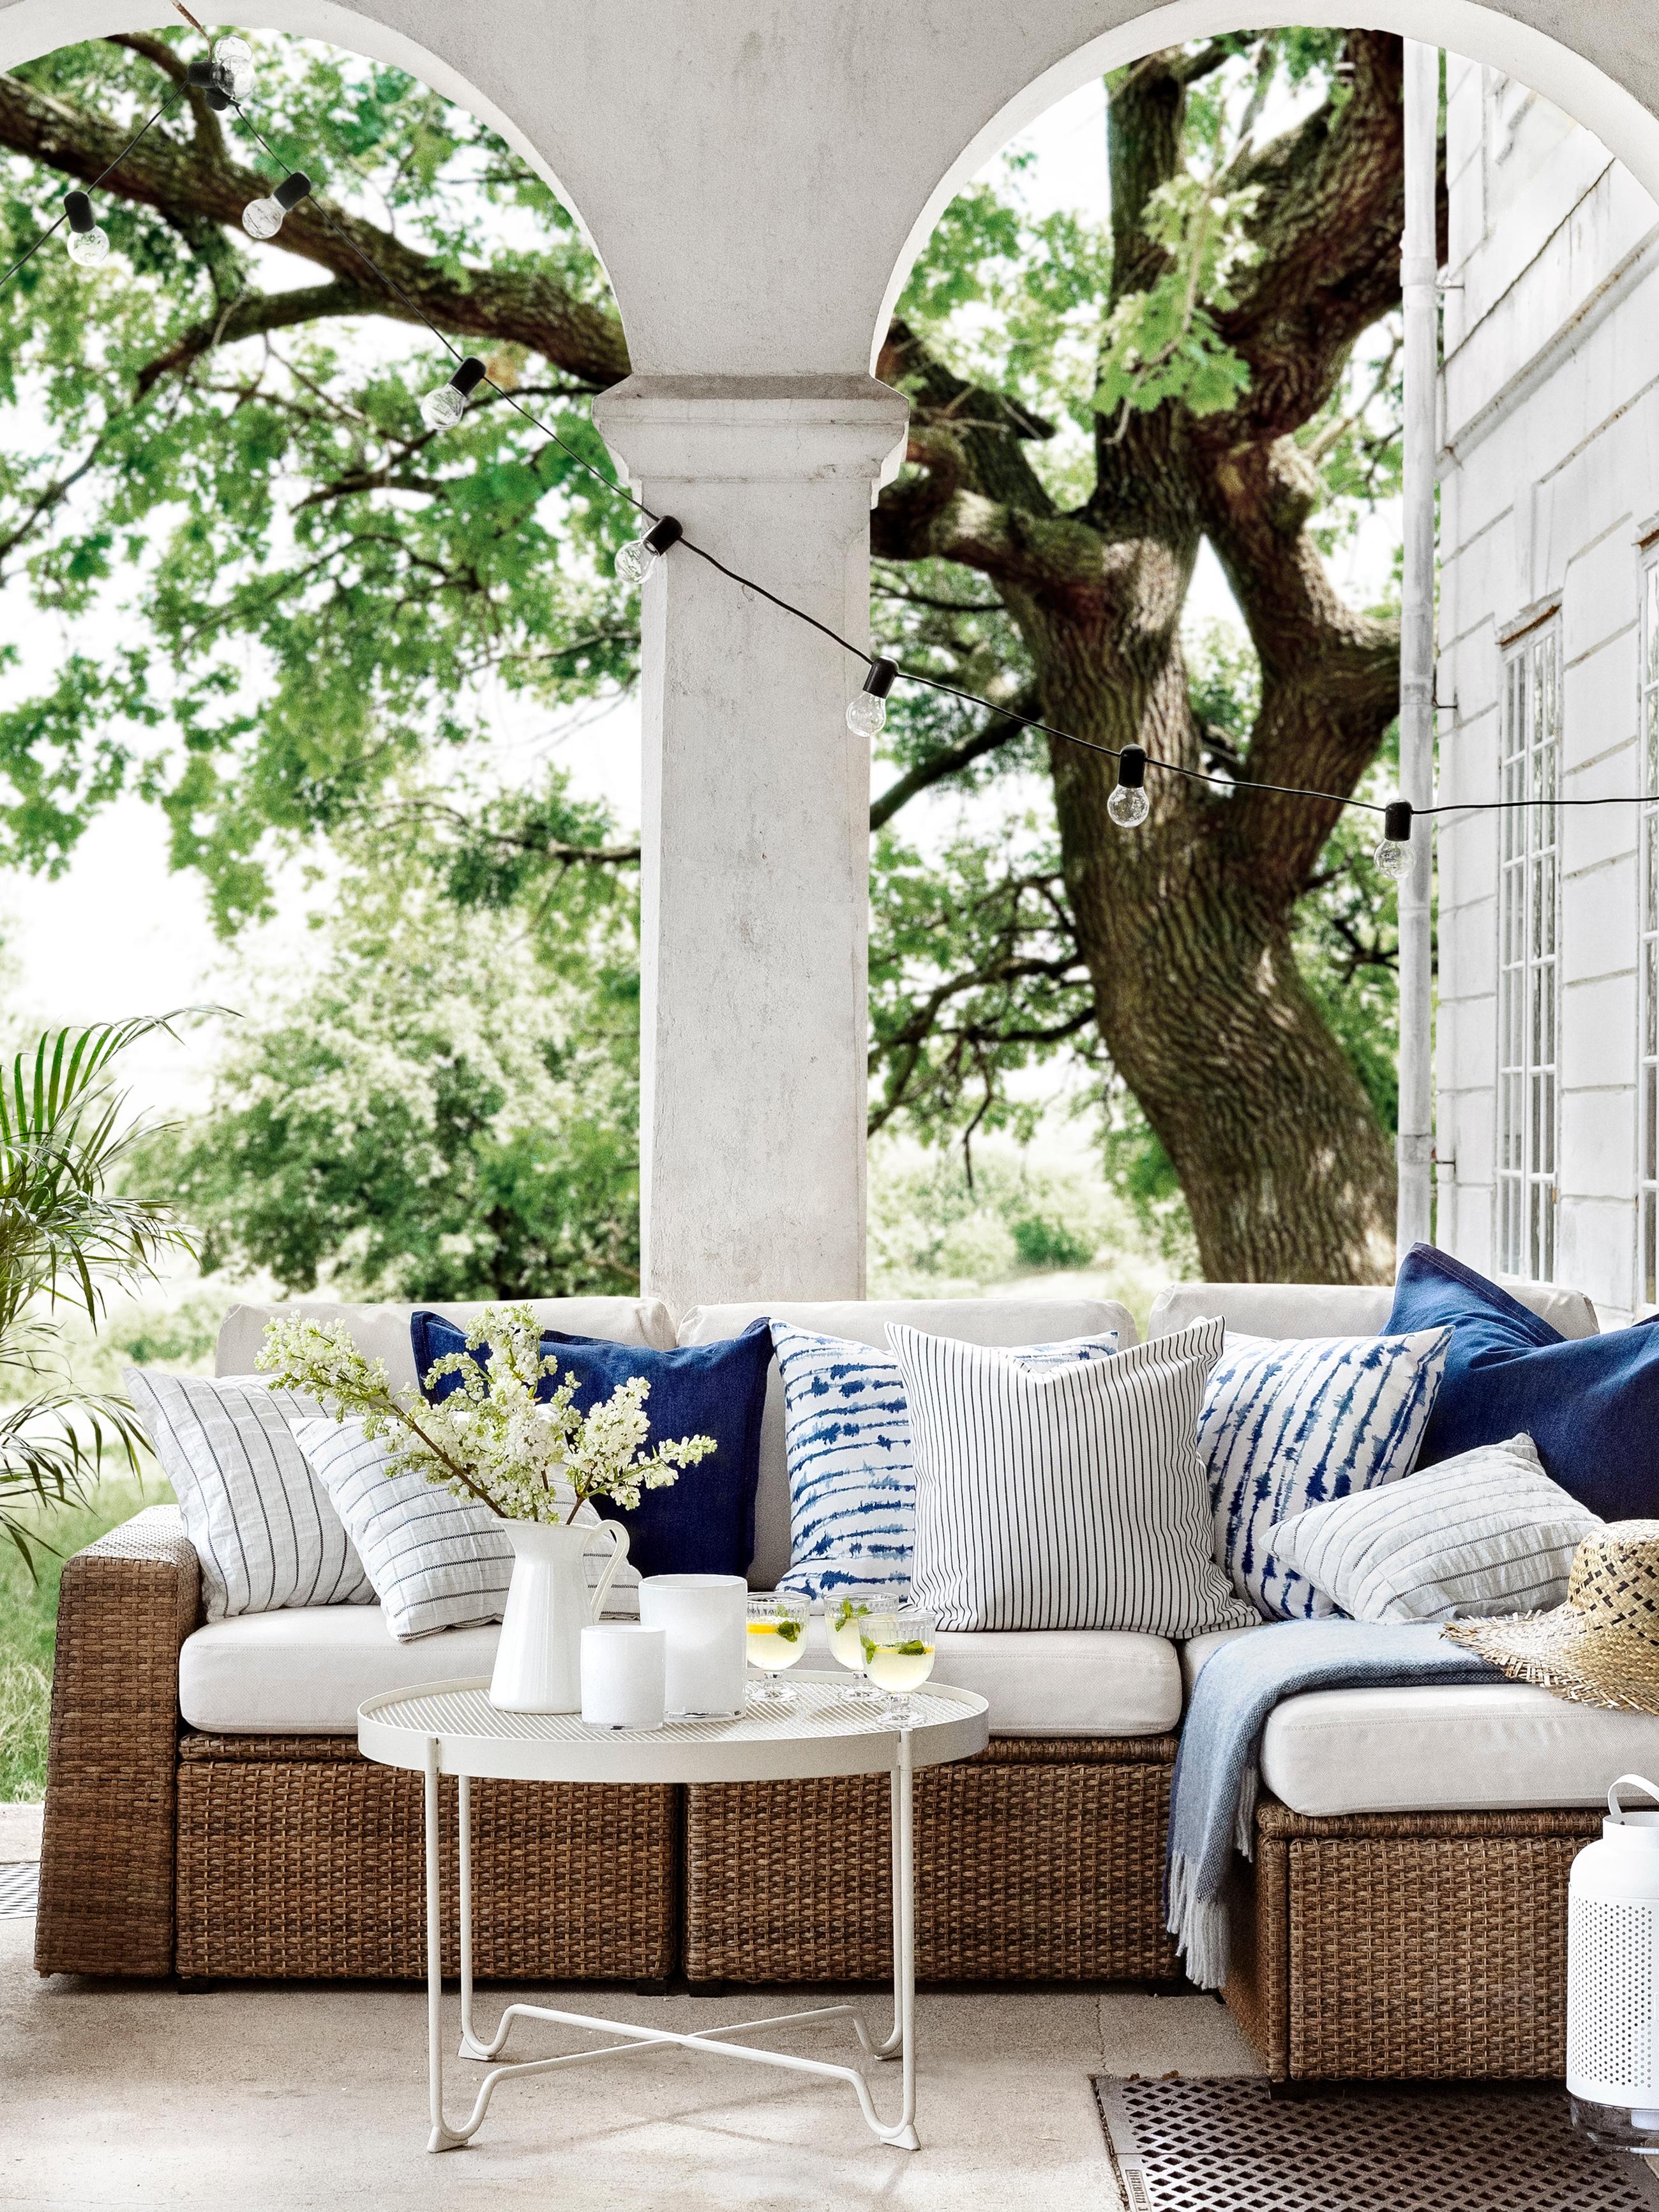 SOLLERÖN počivaljka na vrtnoj terasi, prekrivena STRIMSPORRE, INGALILL i KONSTANSE ukrasnim jastučnicama.